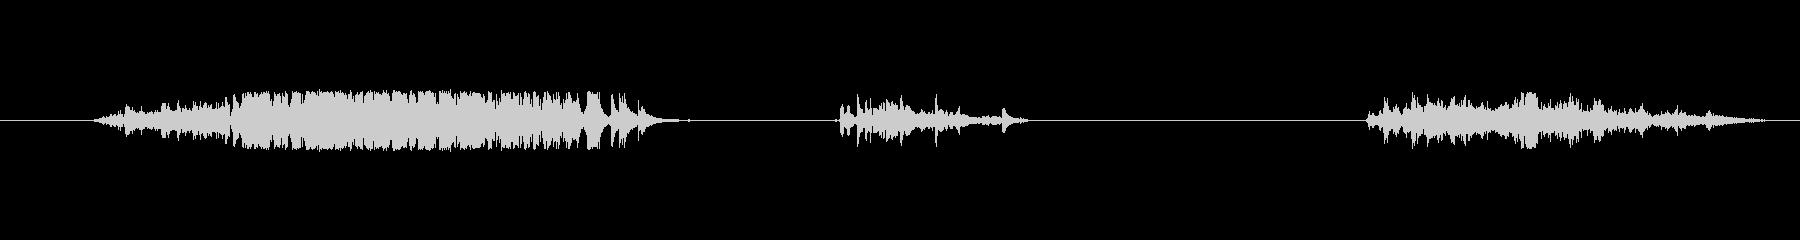 野獣 チョークデッドリー05の未再生の波形